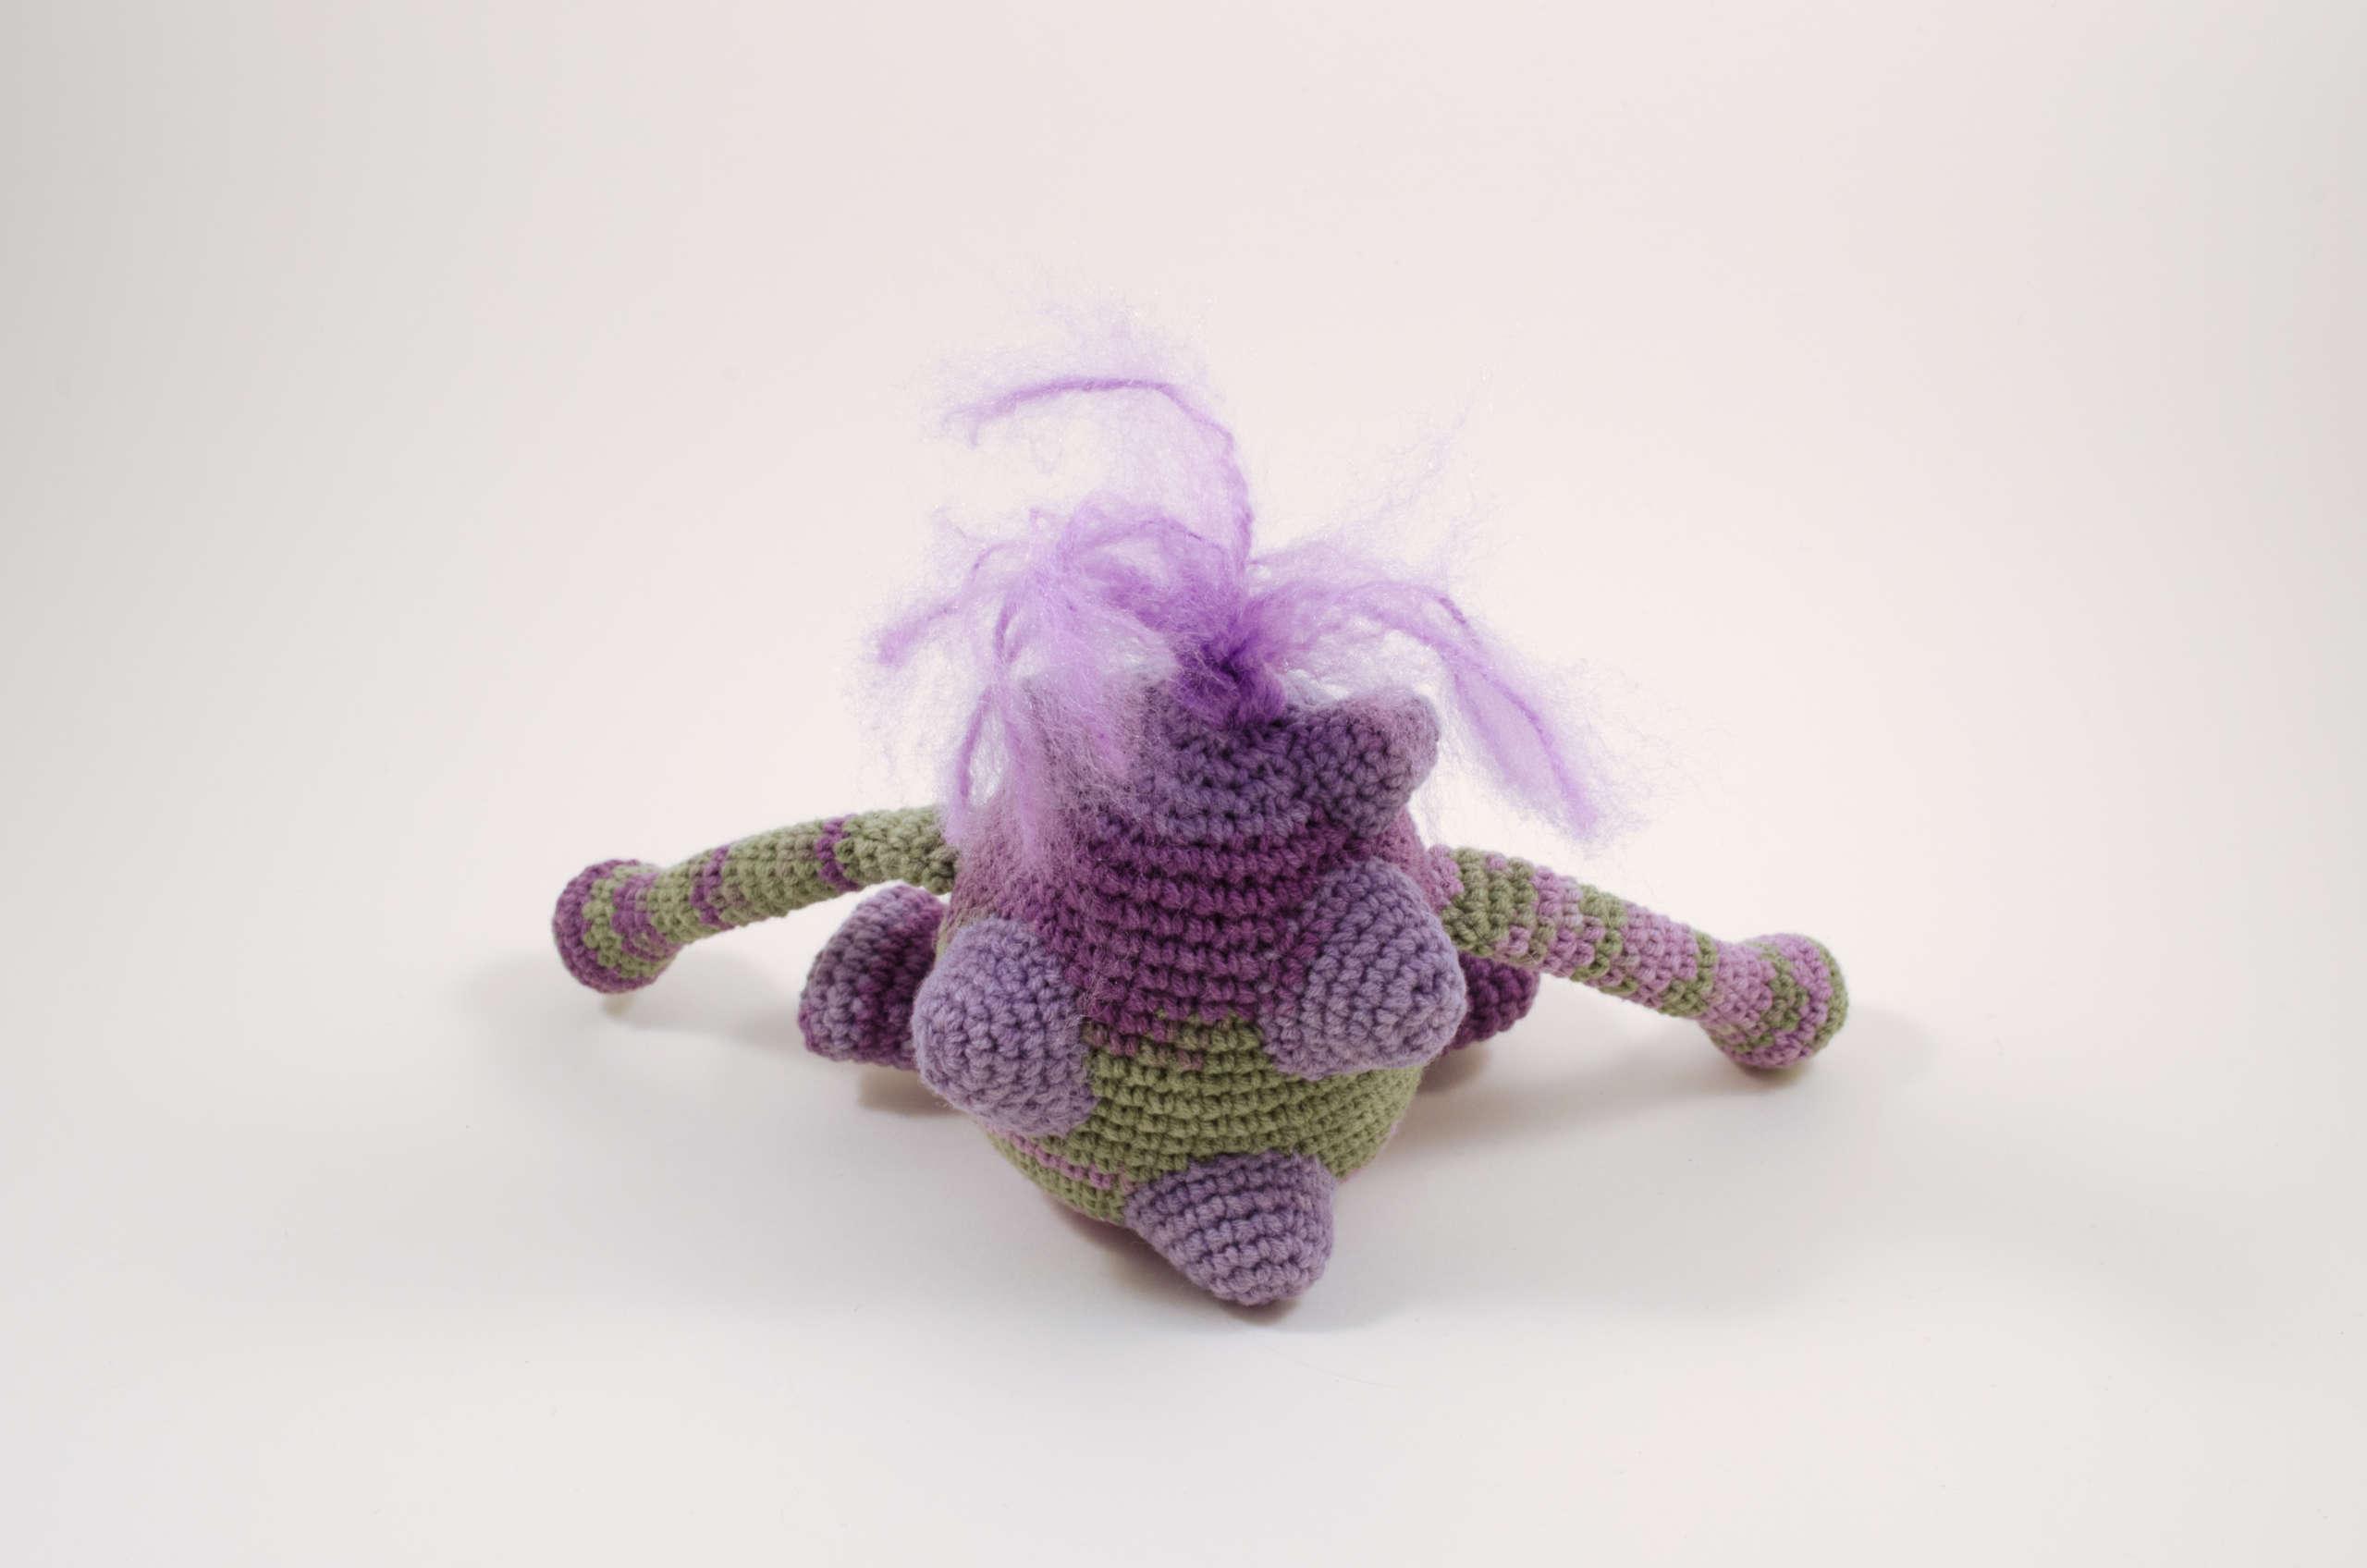 crochet purple monster back view